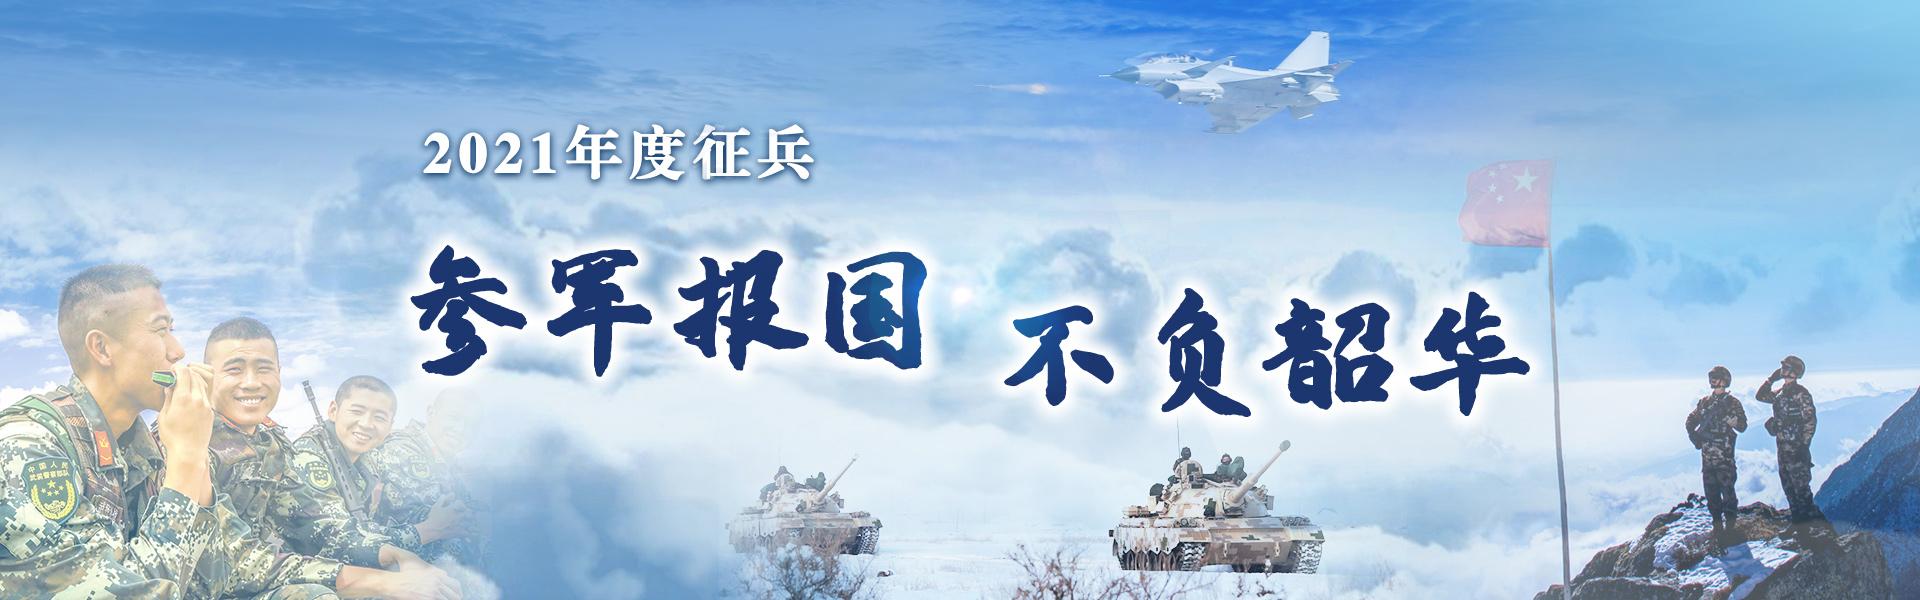 """""""参军报国 不负韶华""""2021年度征兵"""